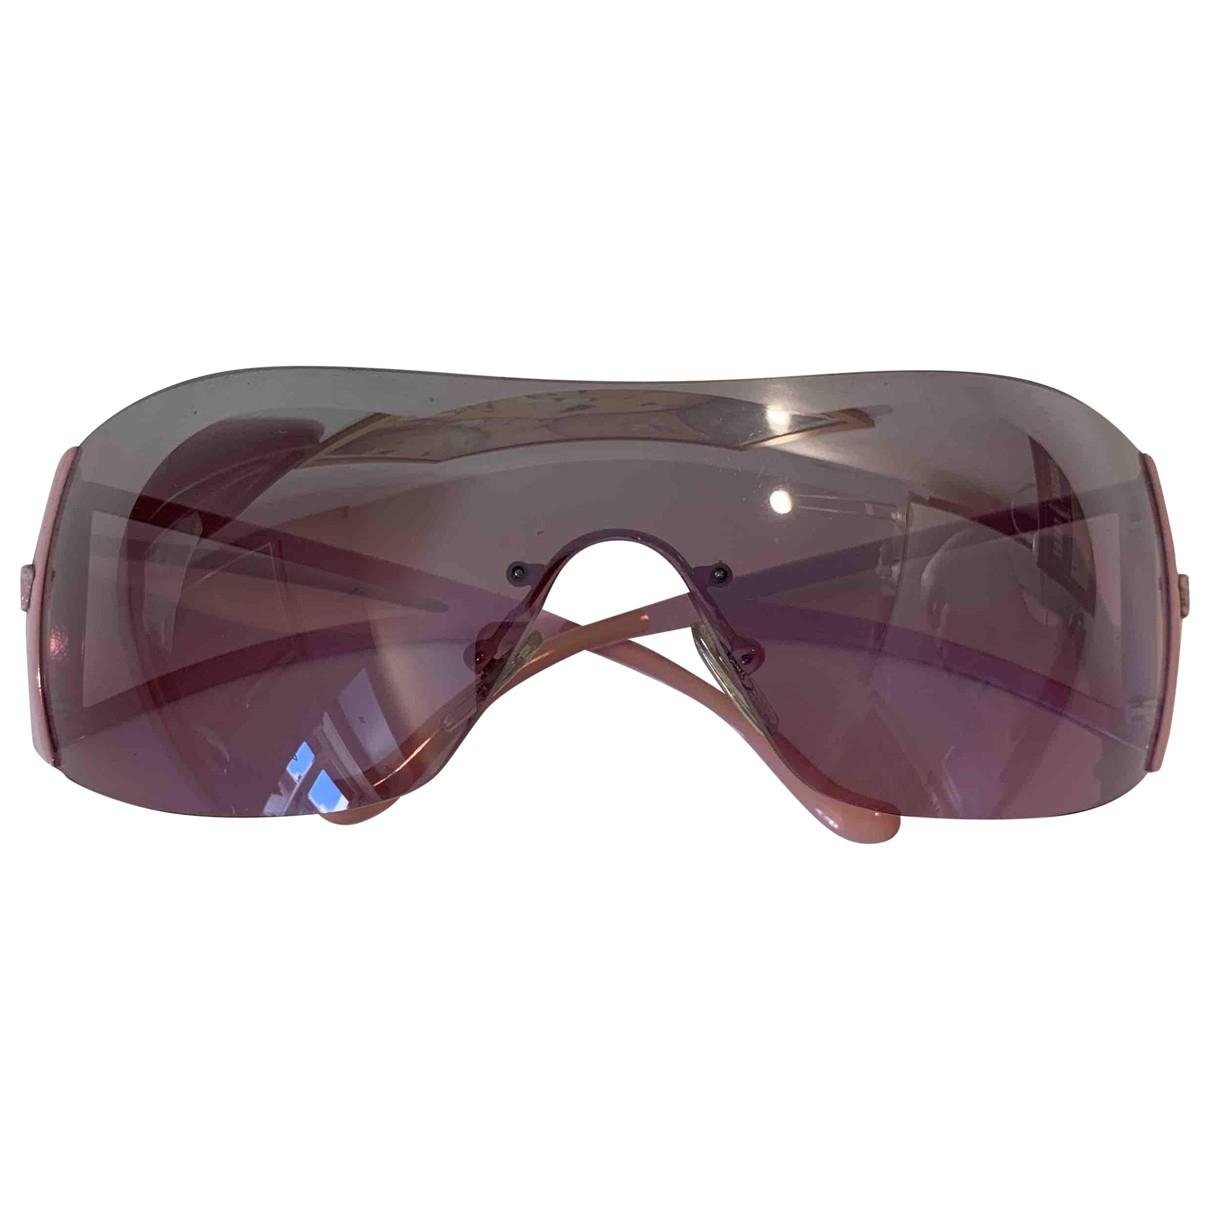 Versace N Pink Metal Sunglasses for Women N